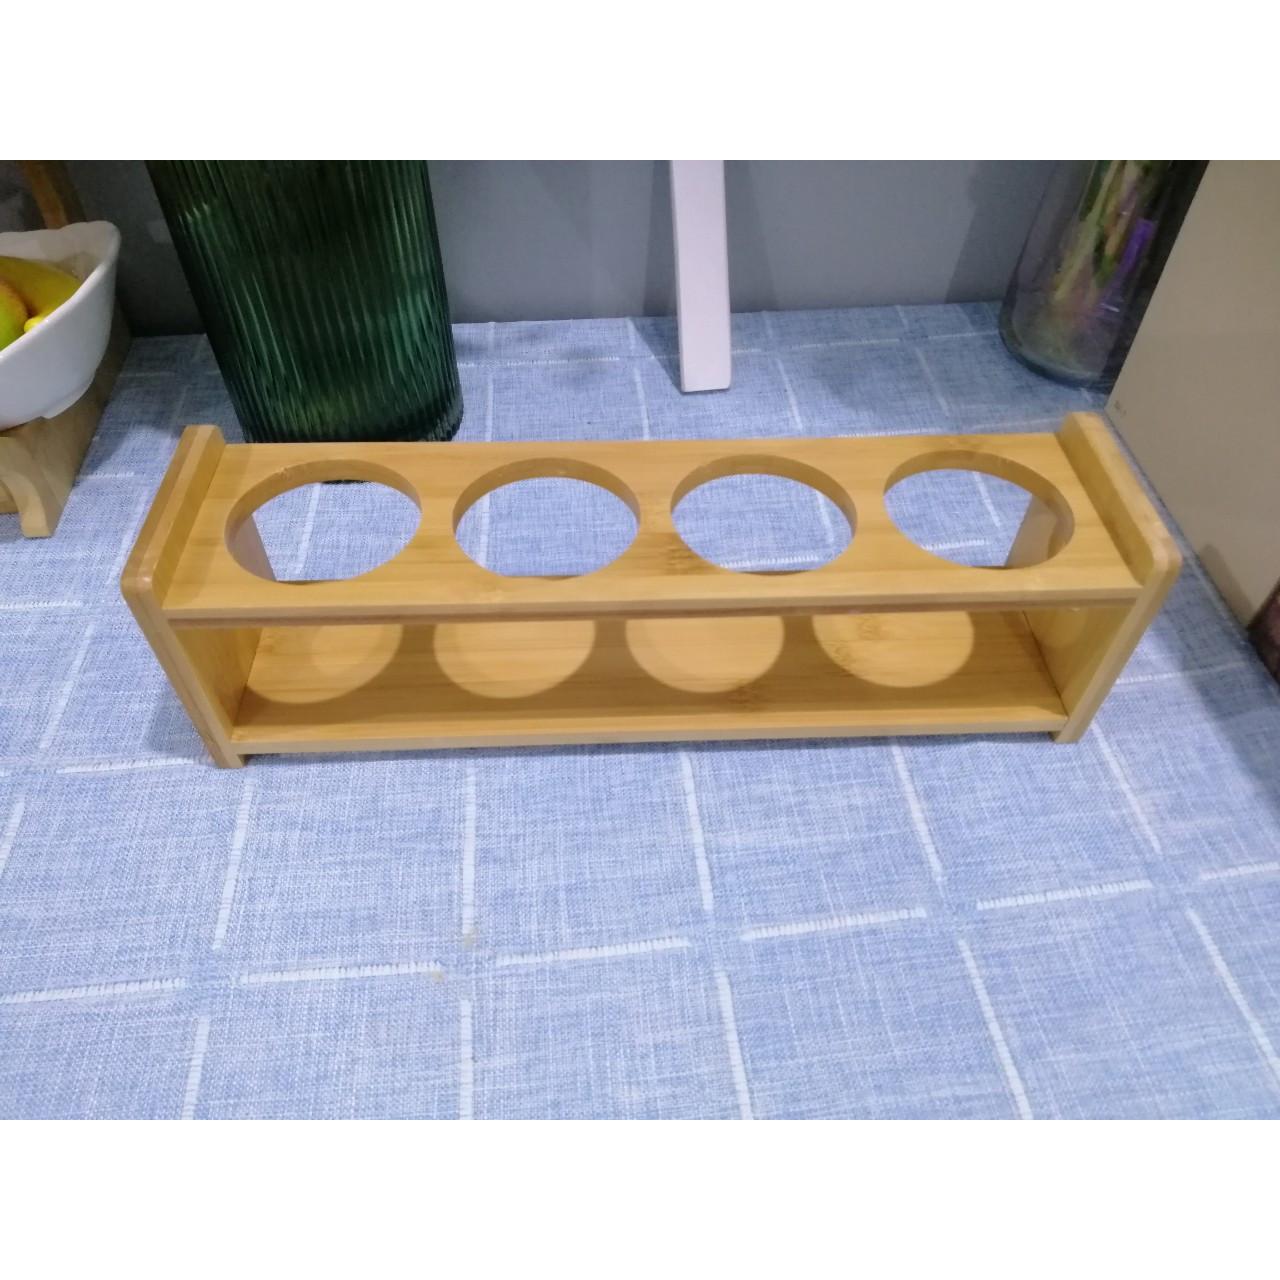 Khung gỗ gia vị 4 ô tròn